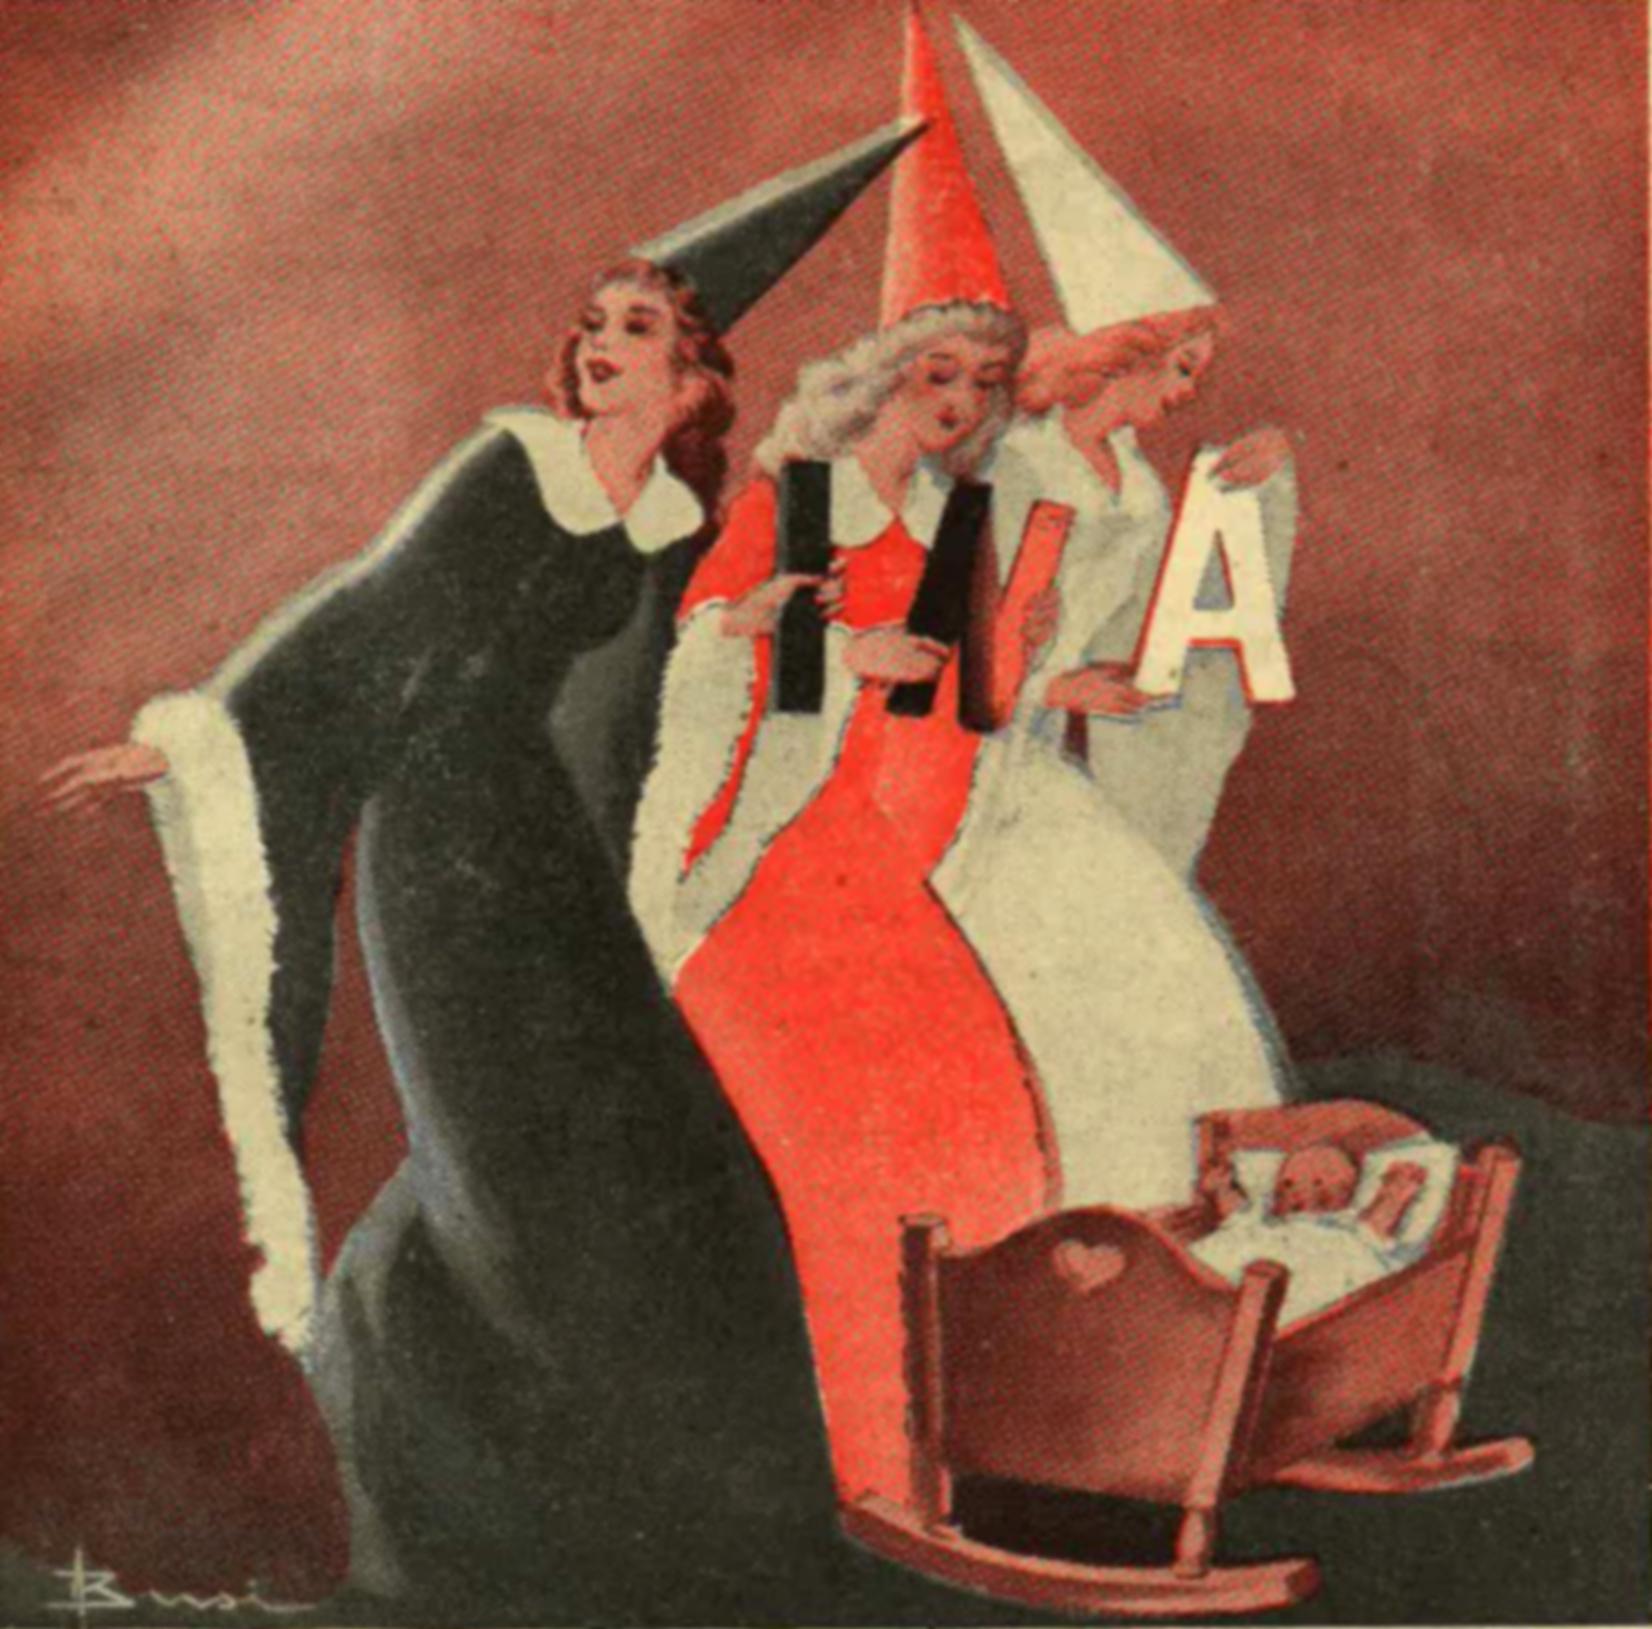 Adolfo Busi, Tre fate (1950)